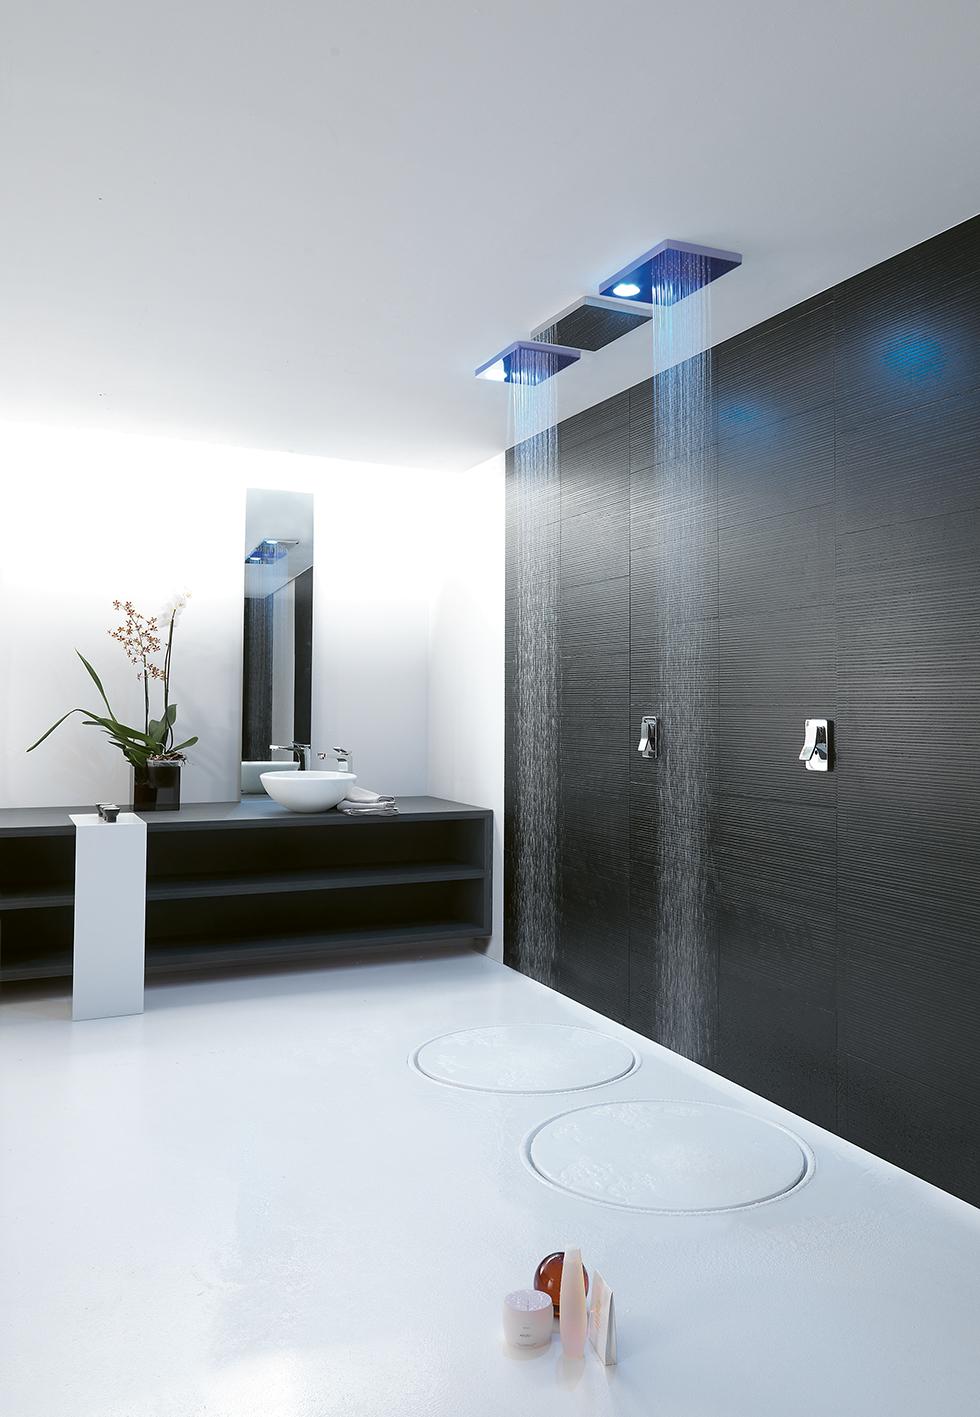 6.Zuchetti.Kos Luxury bathroom